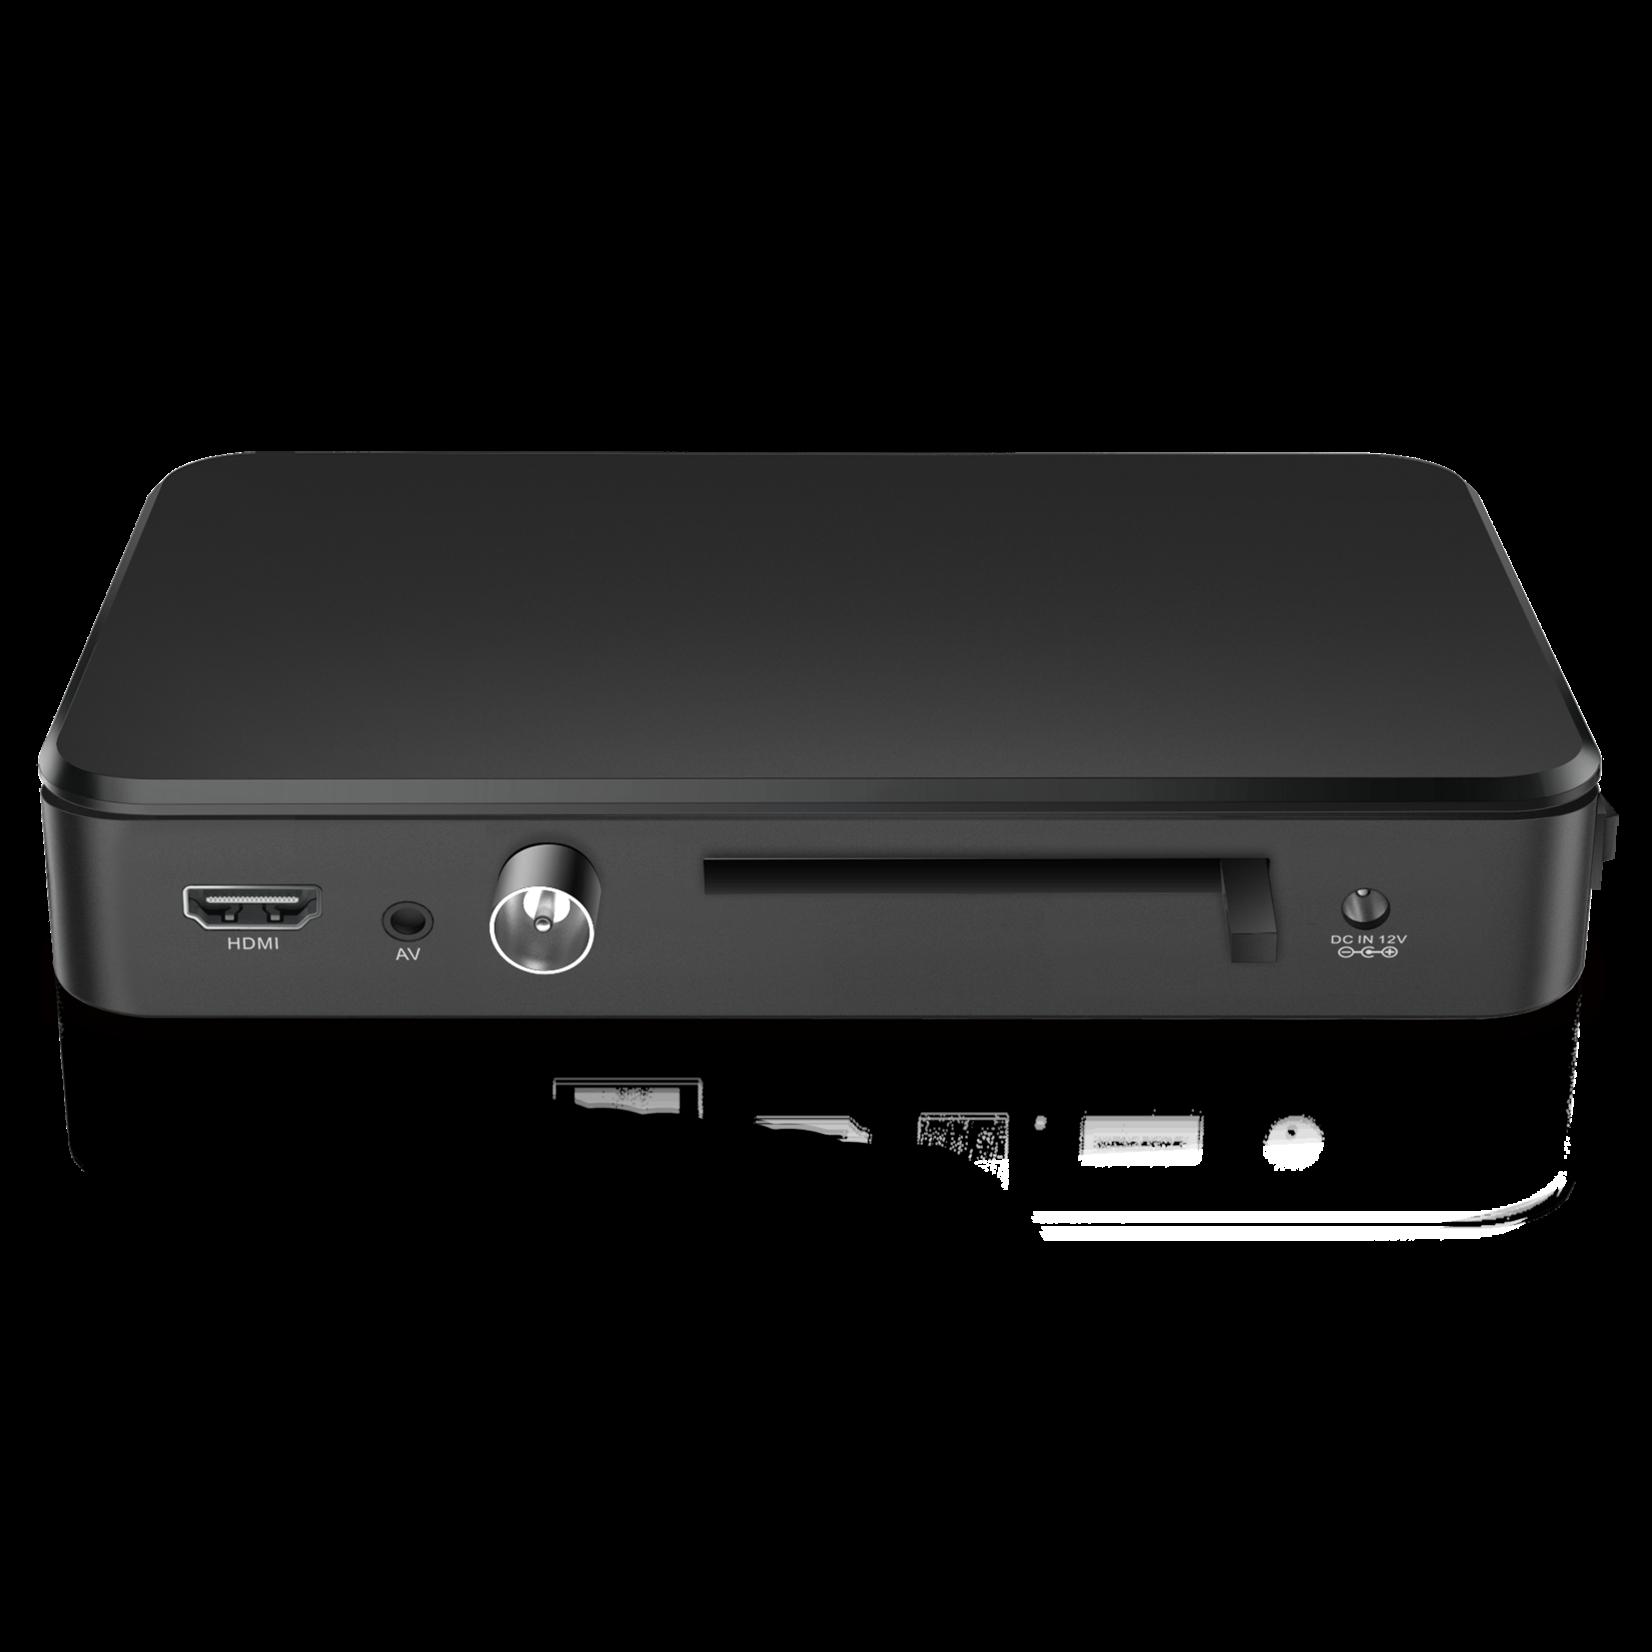 TV VLAANDEREN DVB-T ONTVANGER DVB-T2 : LOSSE DECODER